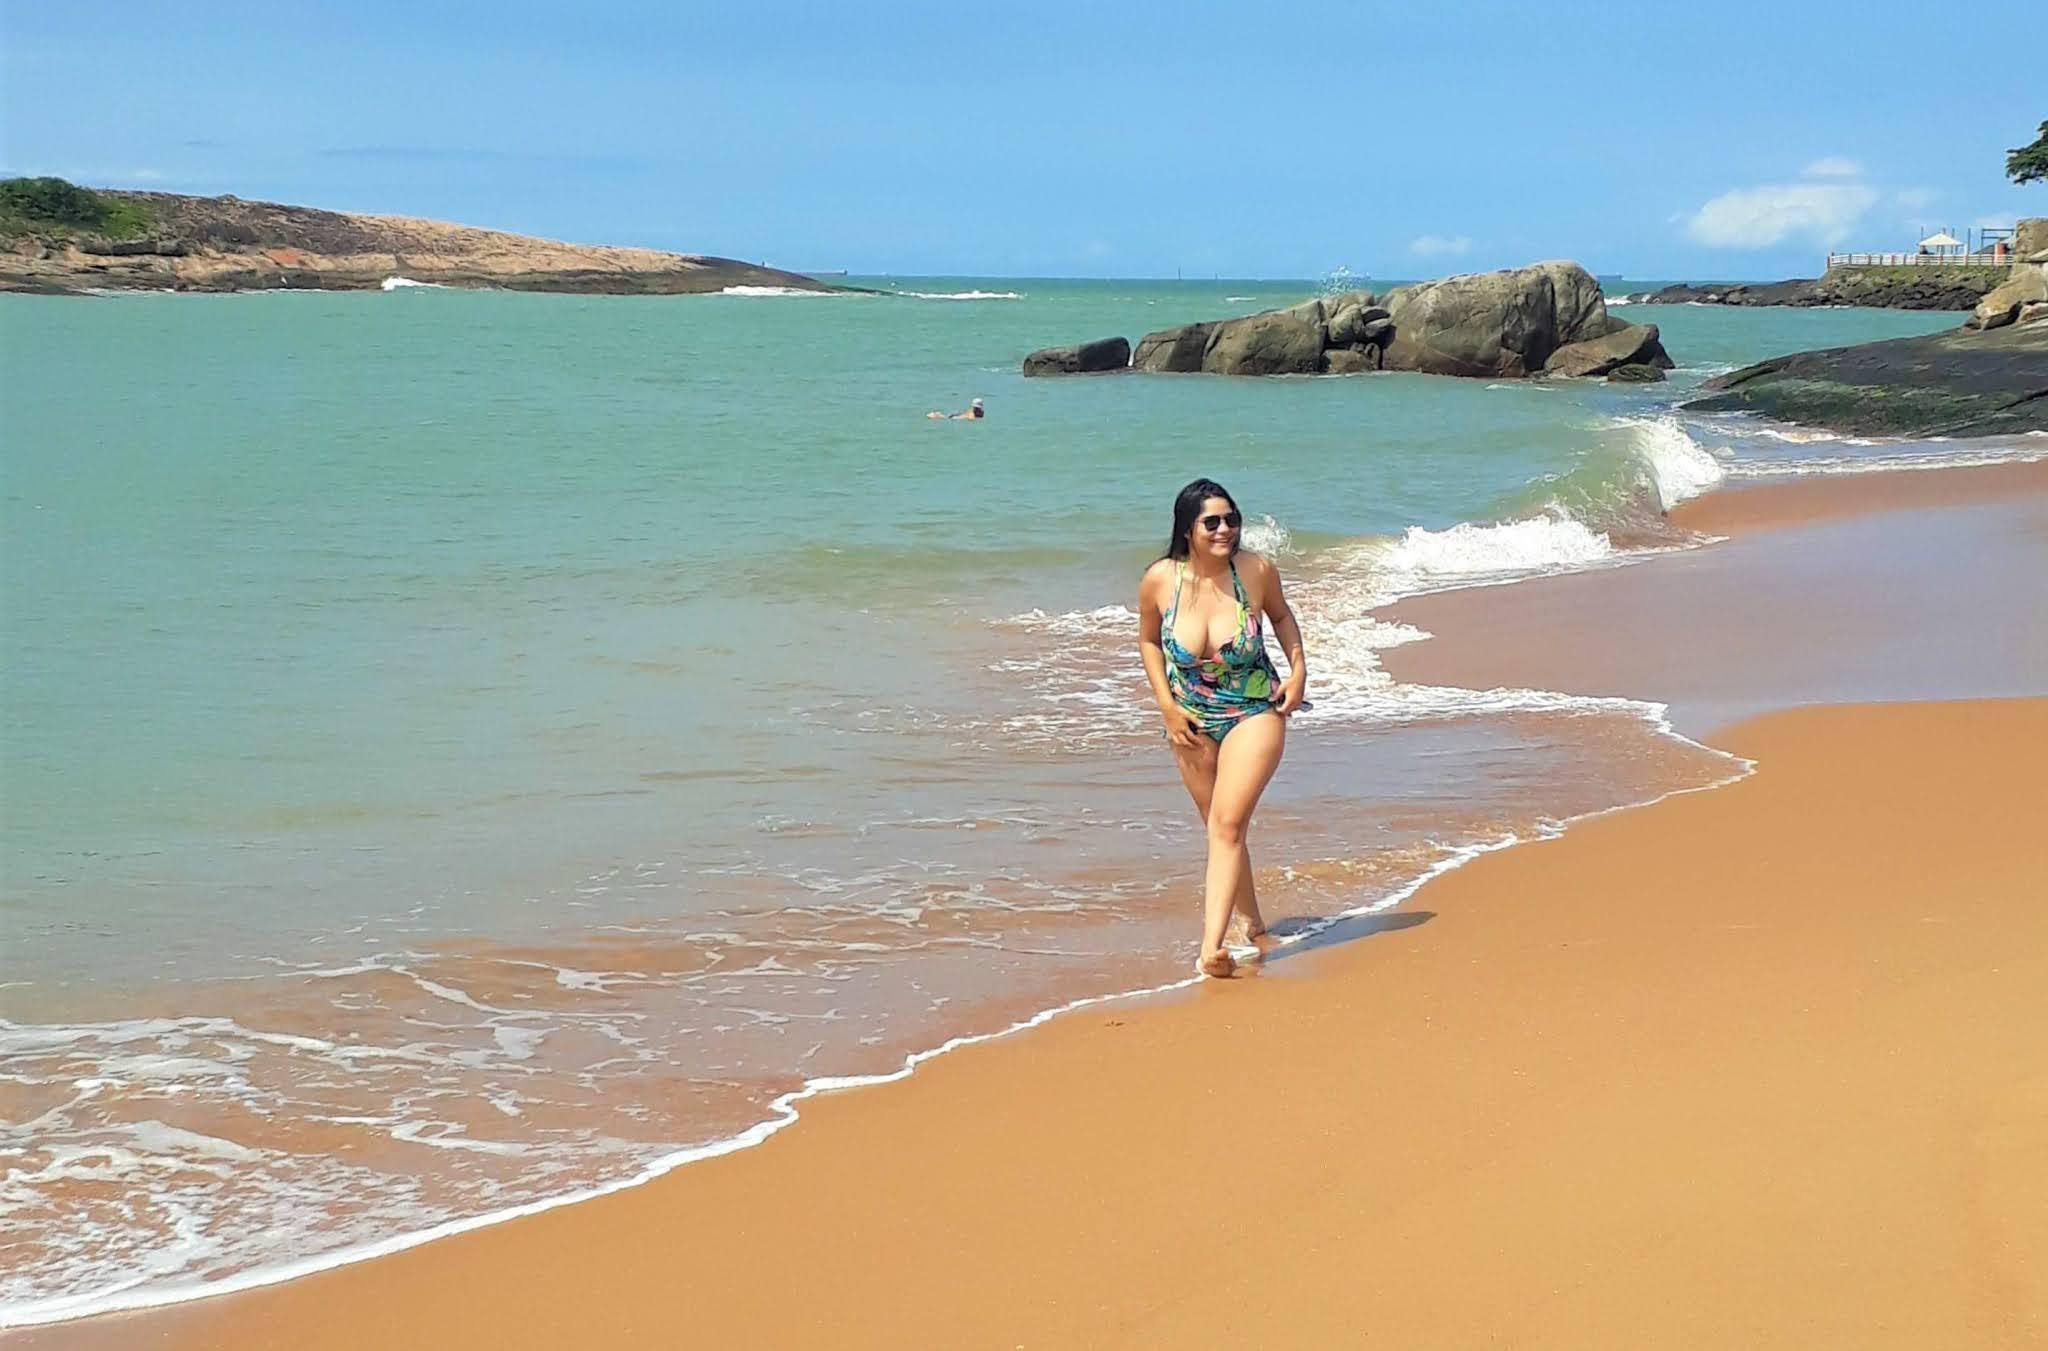 cartaz de uma moça andando na areia da praia